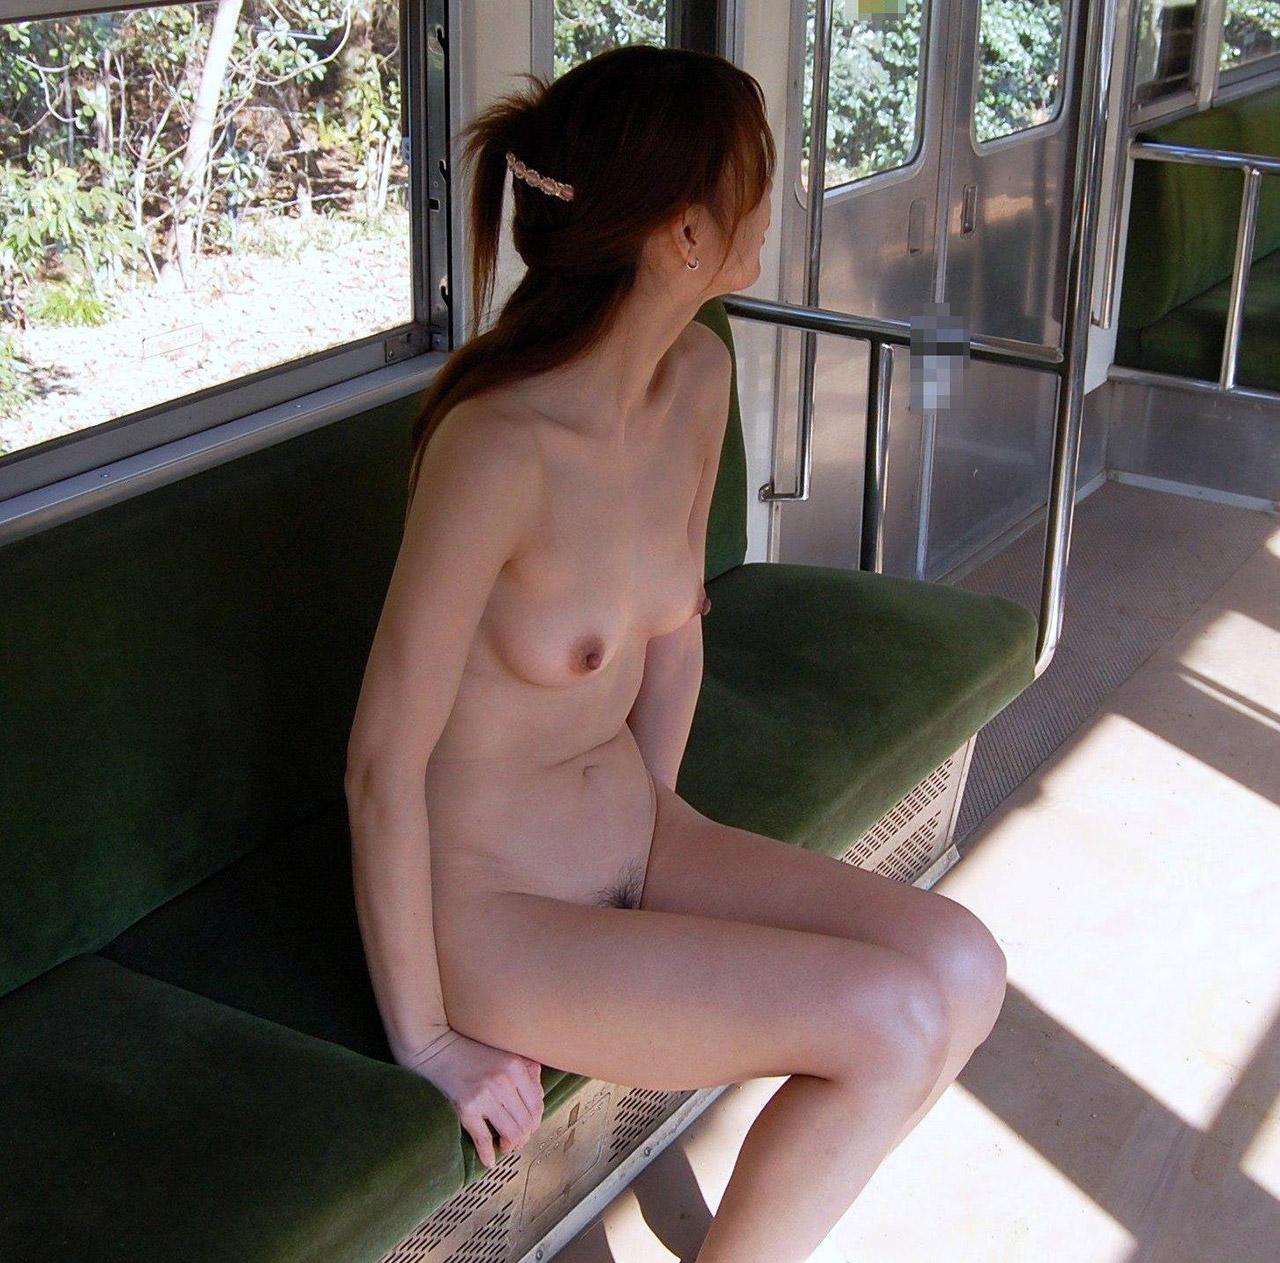 【露出エロ画像】地方の過疎気味な電車が露出プレイの温床に!?鈍行に揺られる変態女の裸体www 06